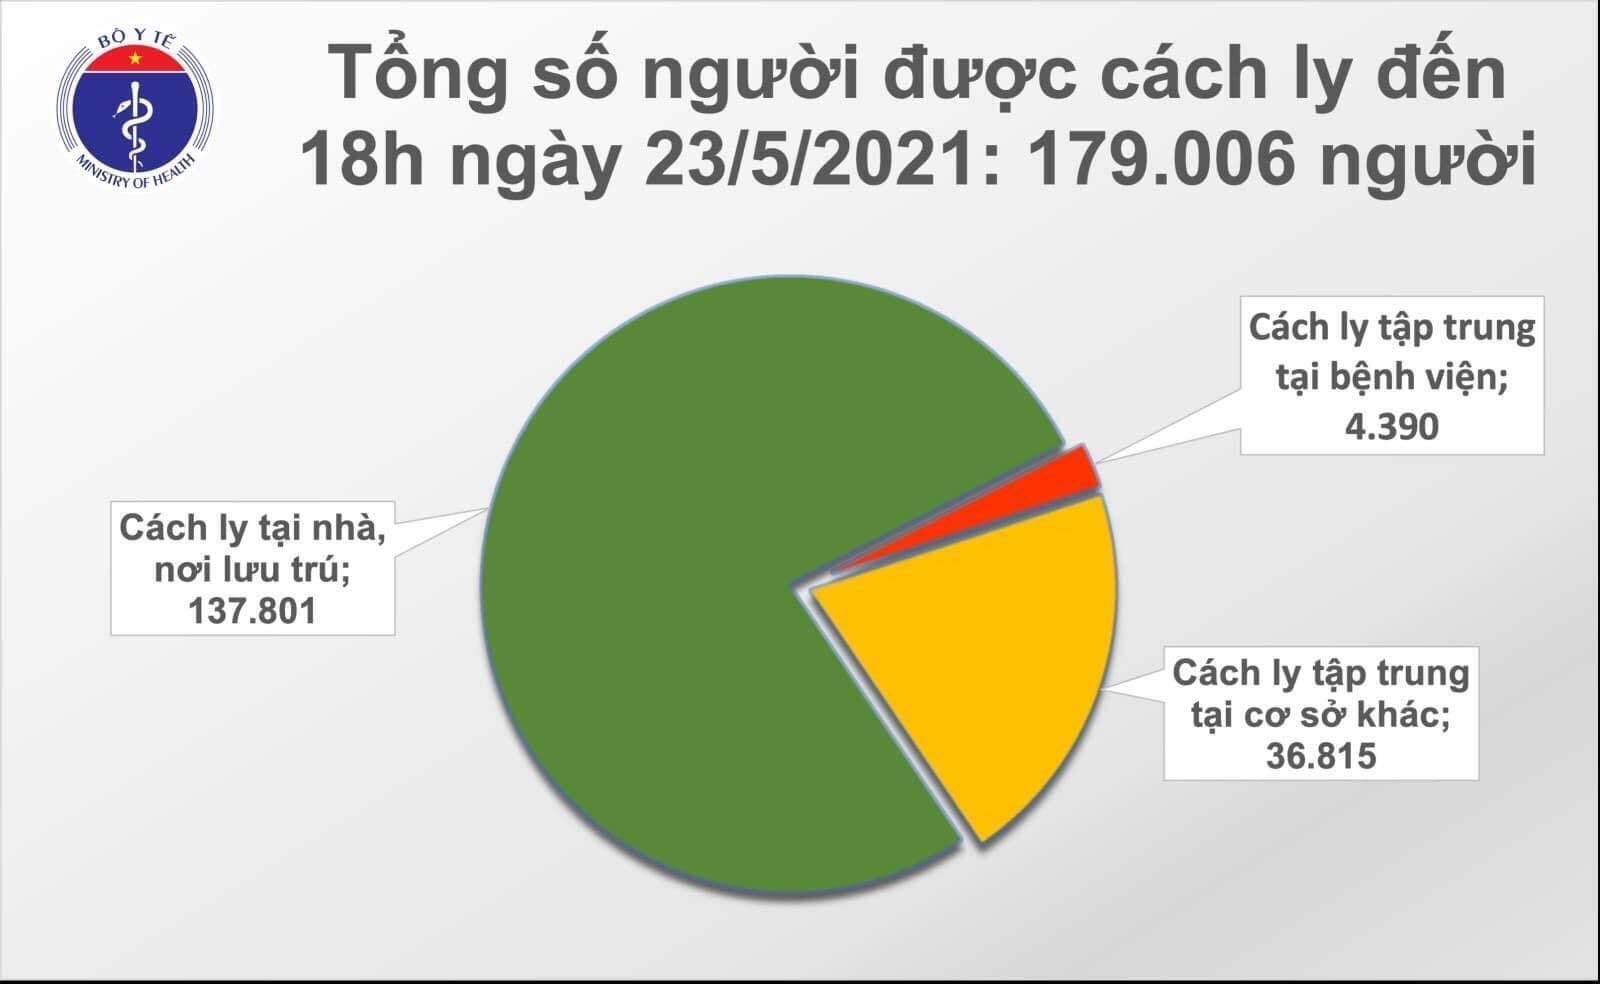 Thêm 76 ca mắc COVID-19 ở Bắc Giang, Bắc Ninh - 1